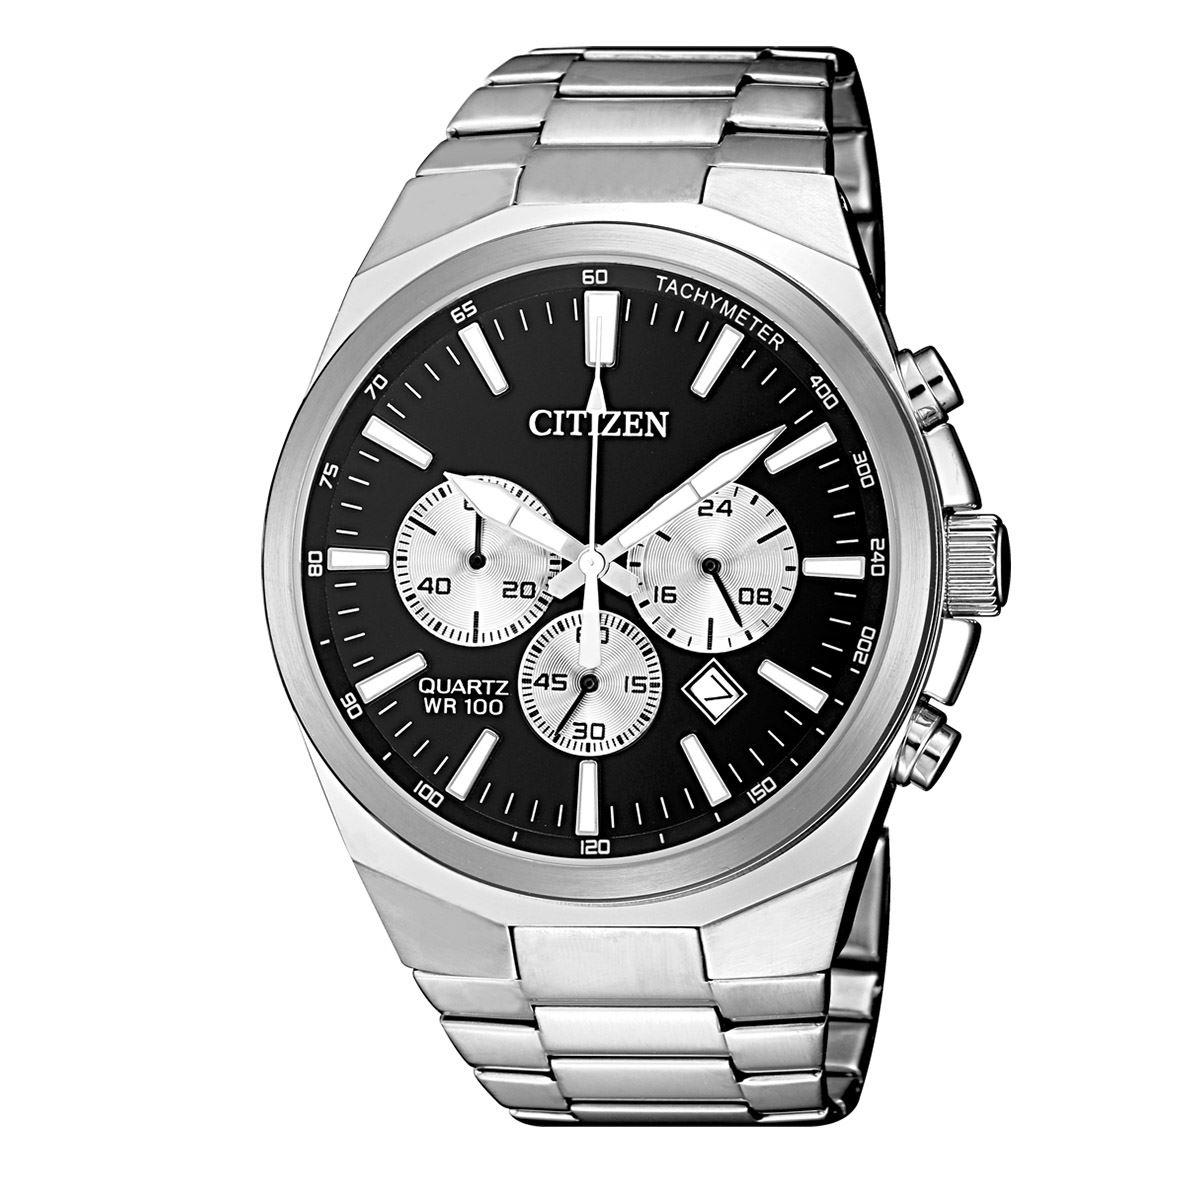 Reloj citizen 61050 caballero  - Sanborns